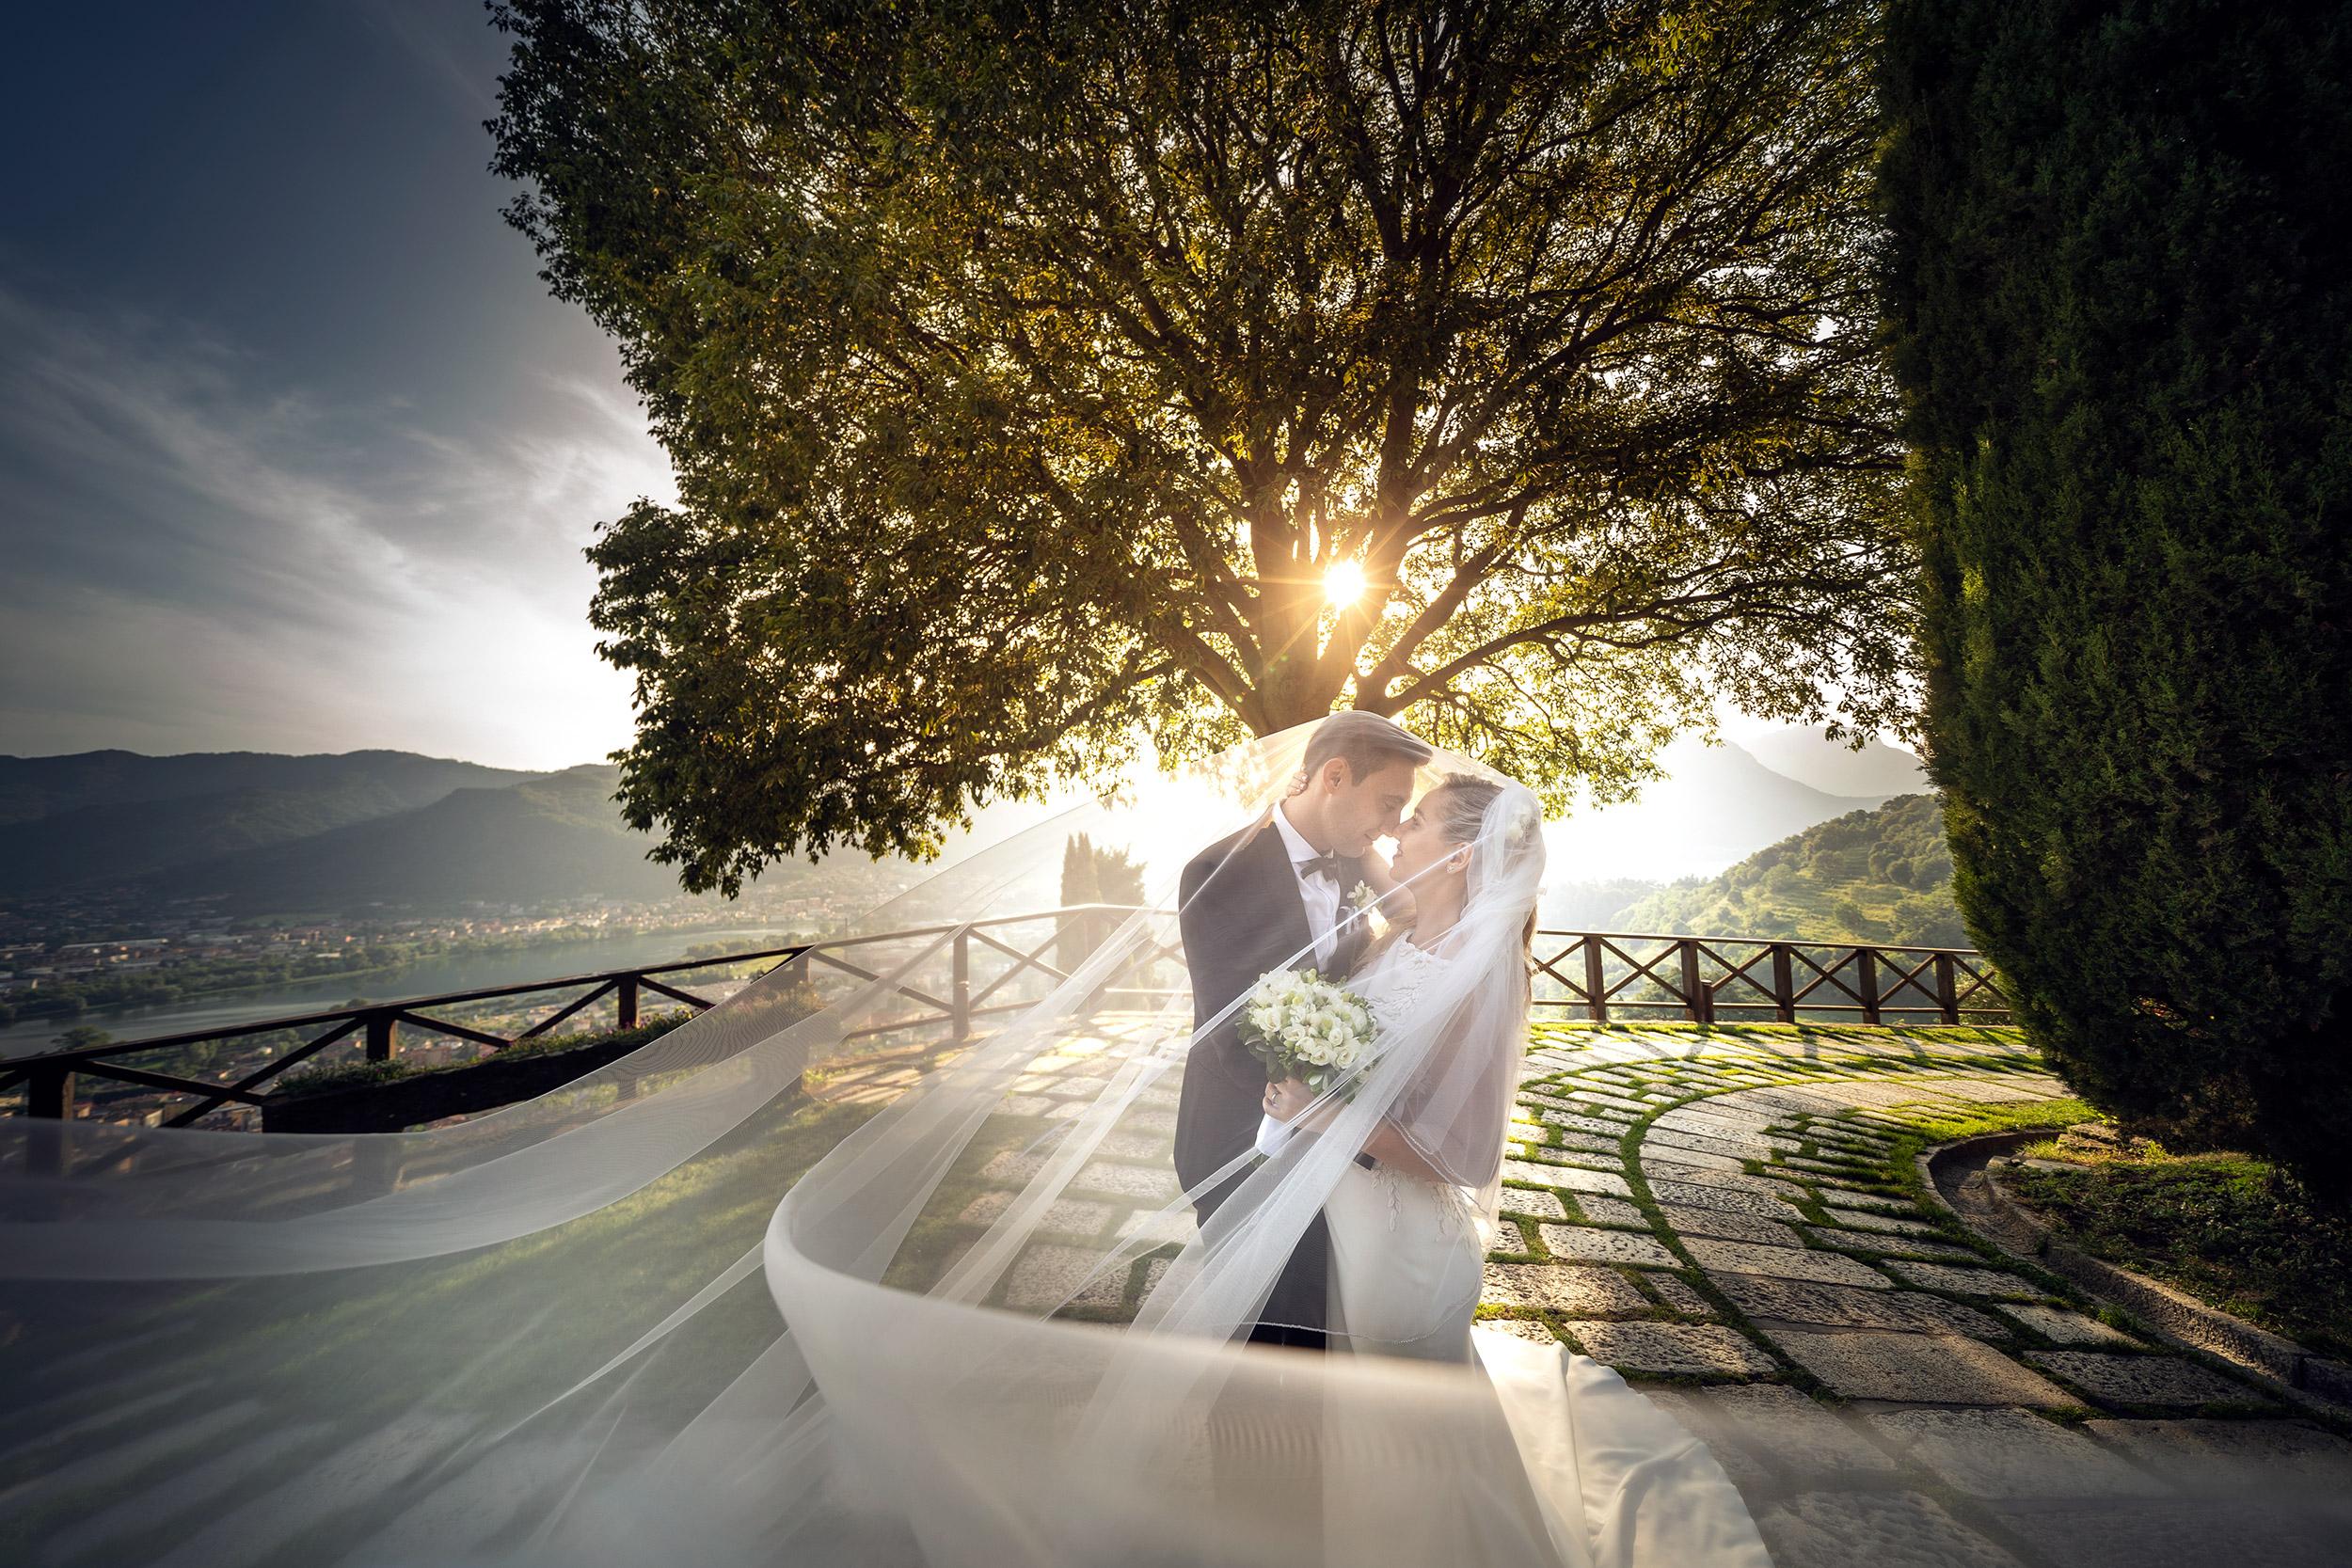 001 reportage wedding sposi foto matrimonio castello rossino lecco lago como 1